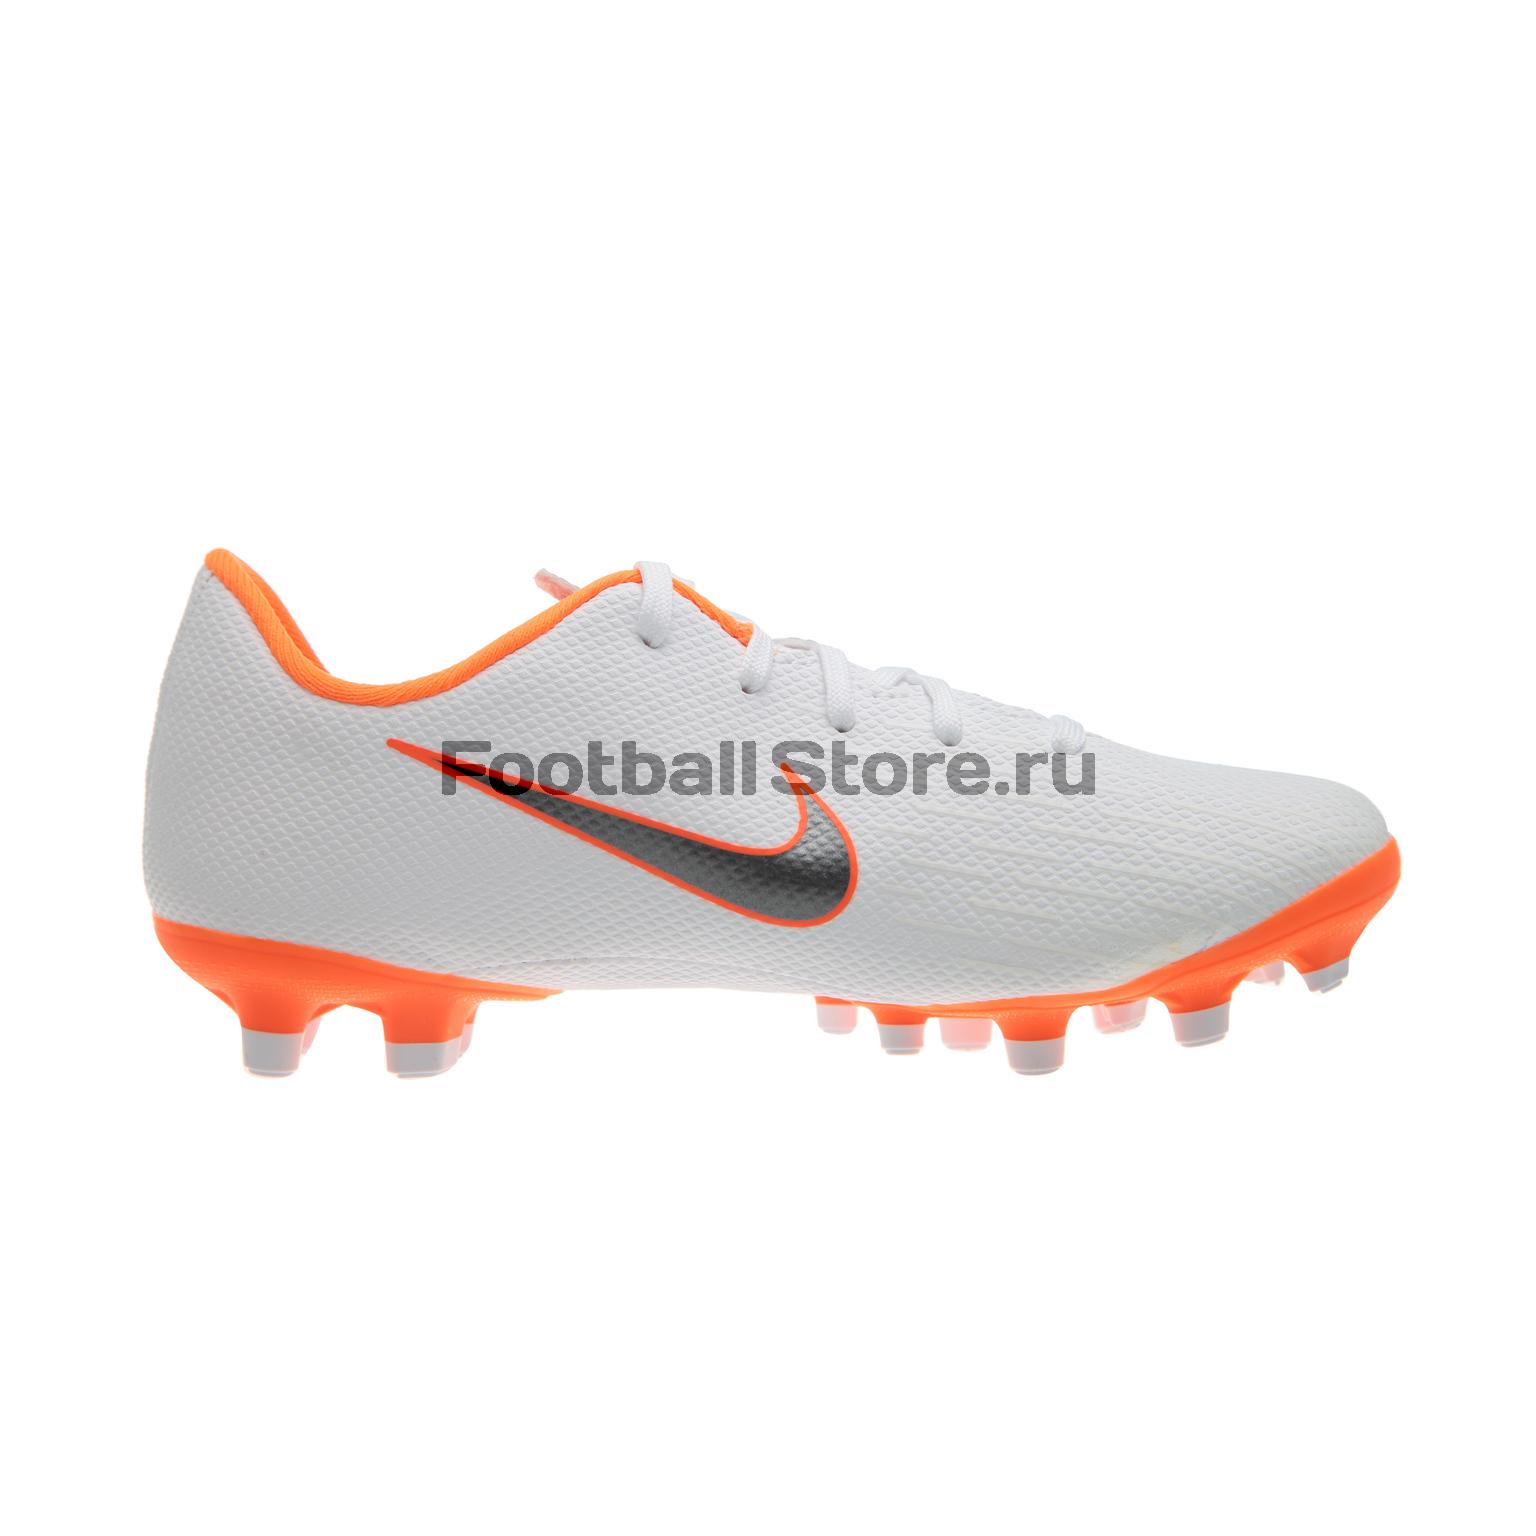 ec2292a7 Бутсы детские Nike Vapor 12 Academy PS FG/MG AH7349-107 – купить в ...